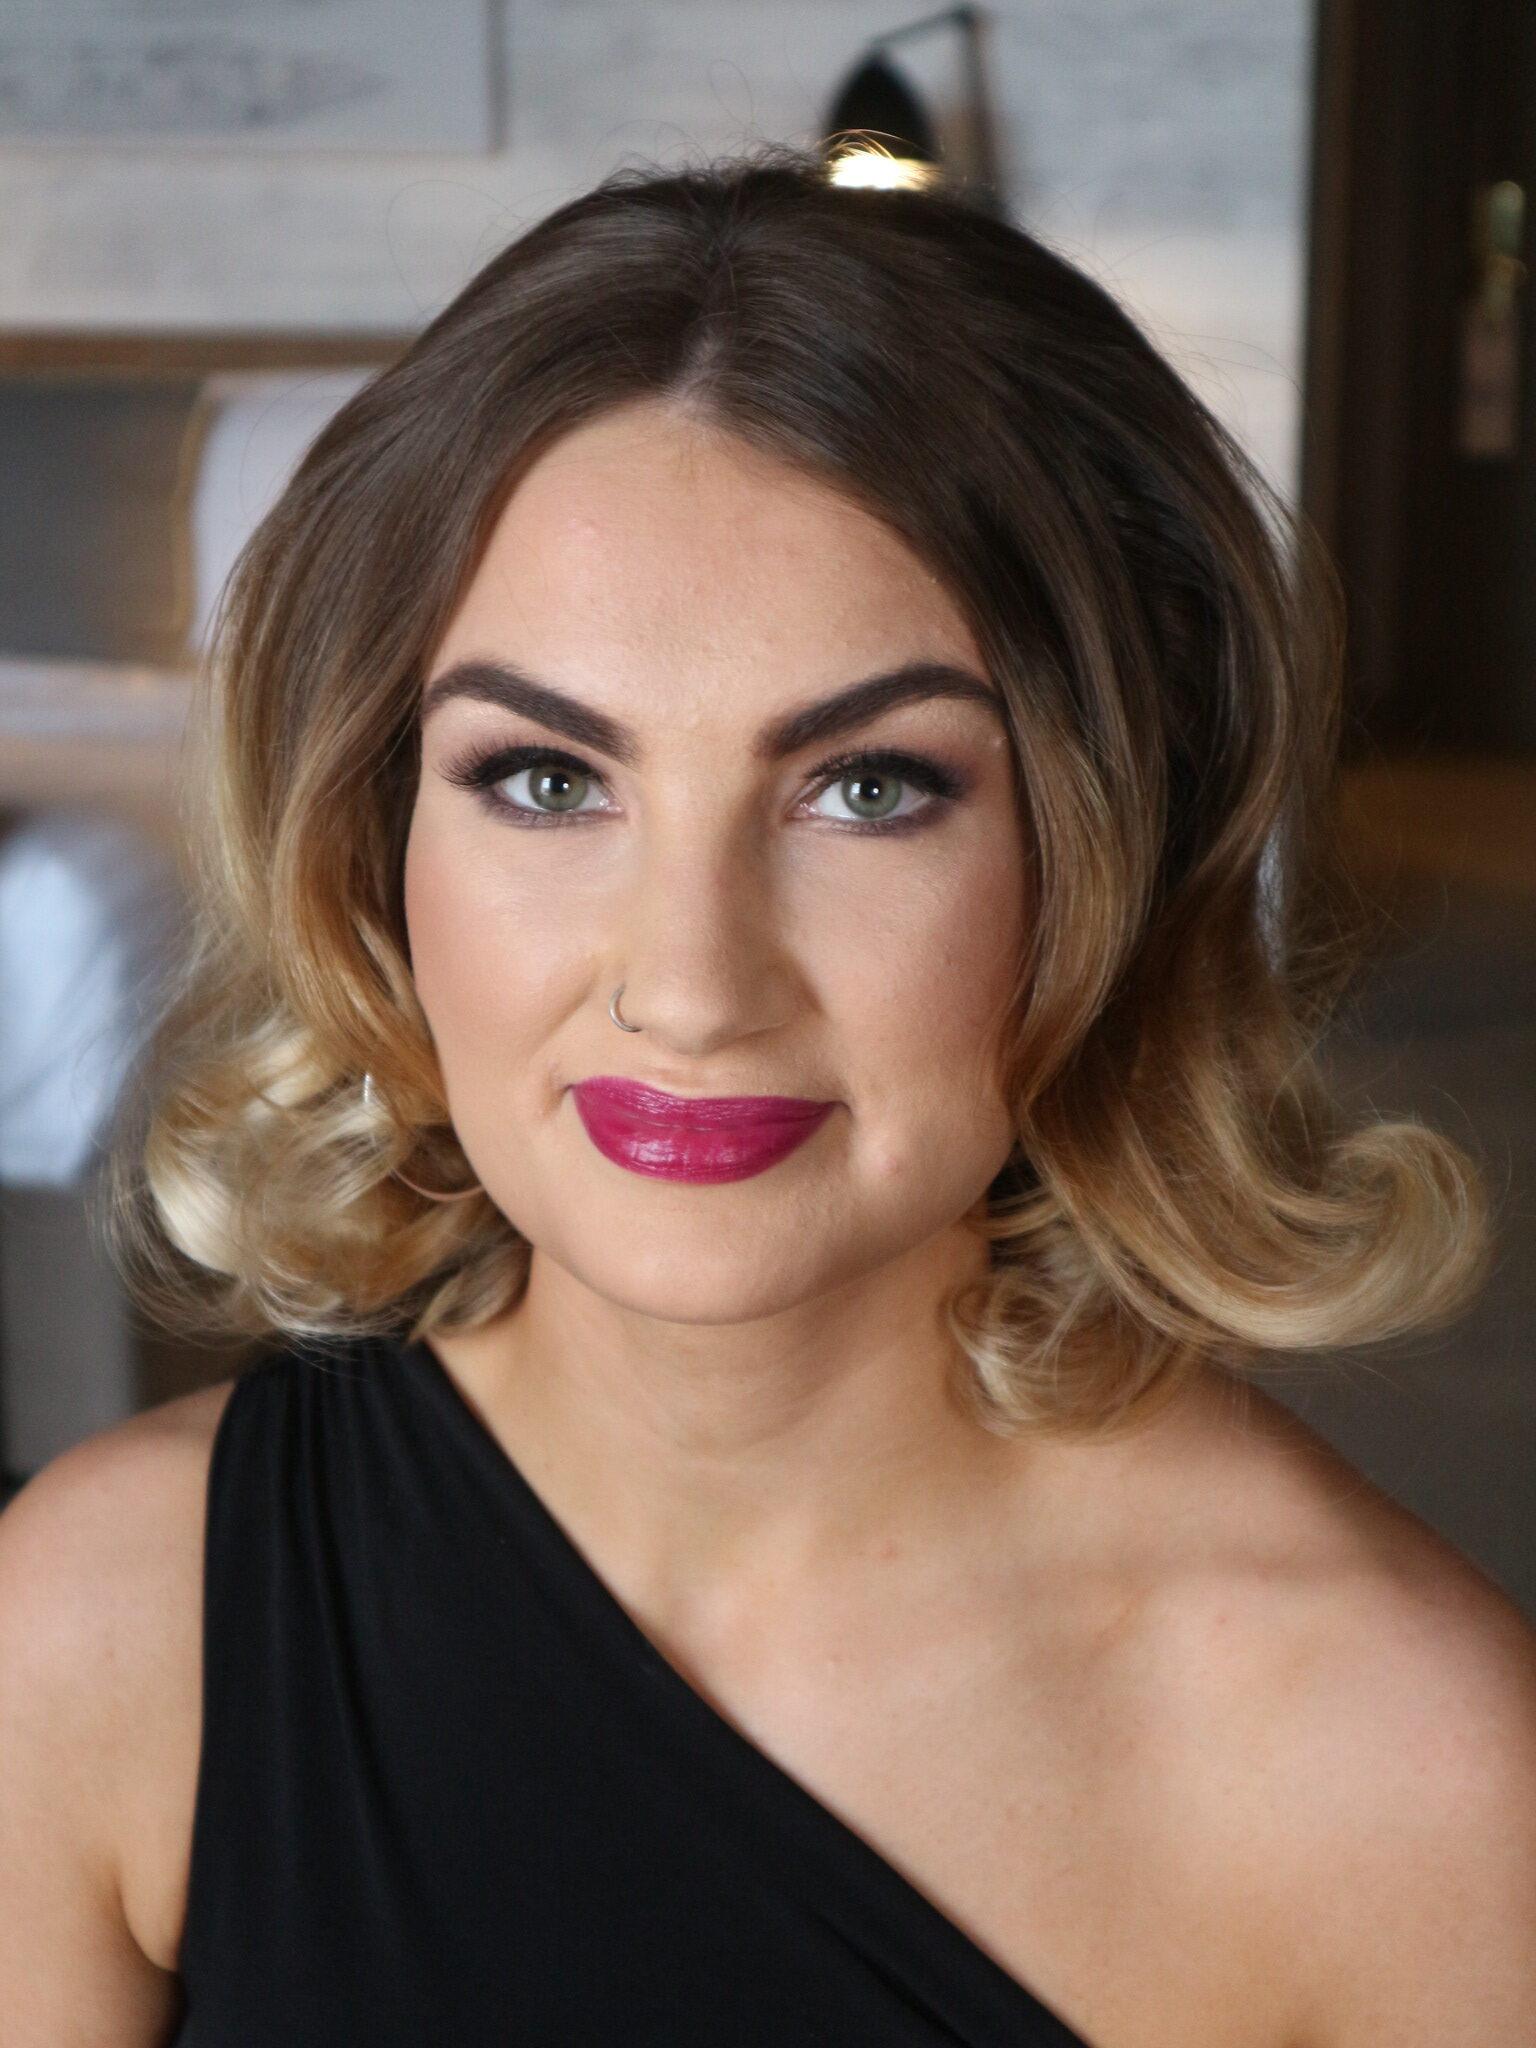 Vegan Makeup Artist and Beauty in Liverpool - Glamorama Makeup